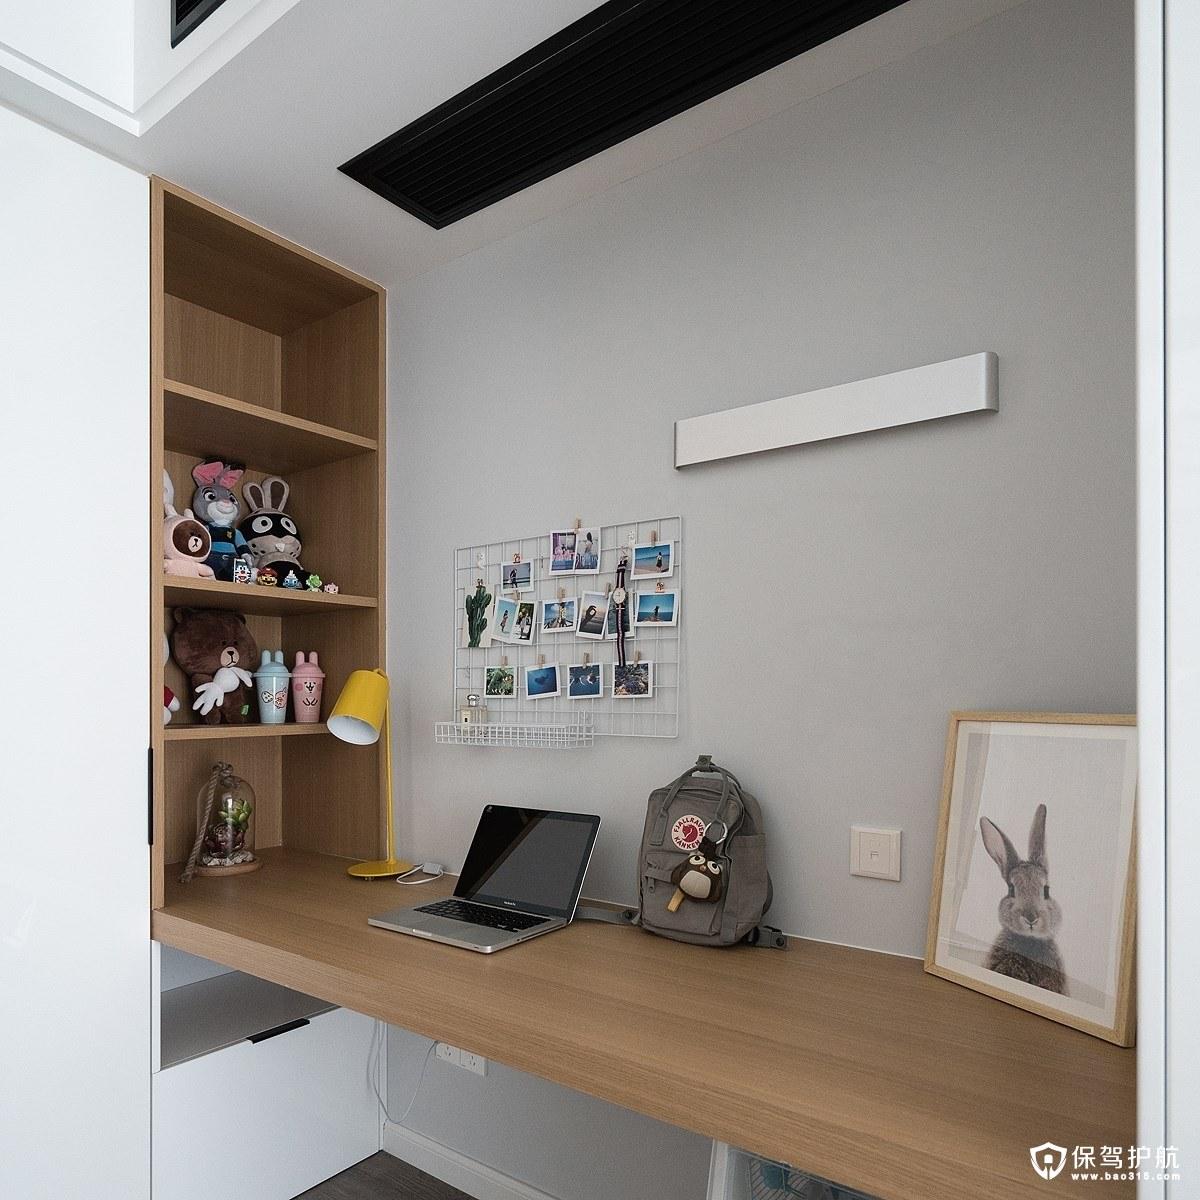 简约卧室工作区装修效果图